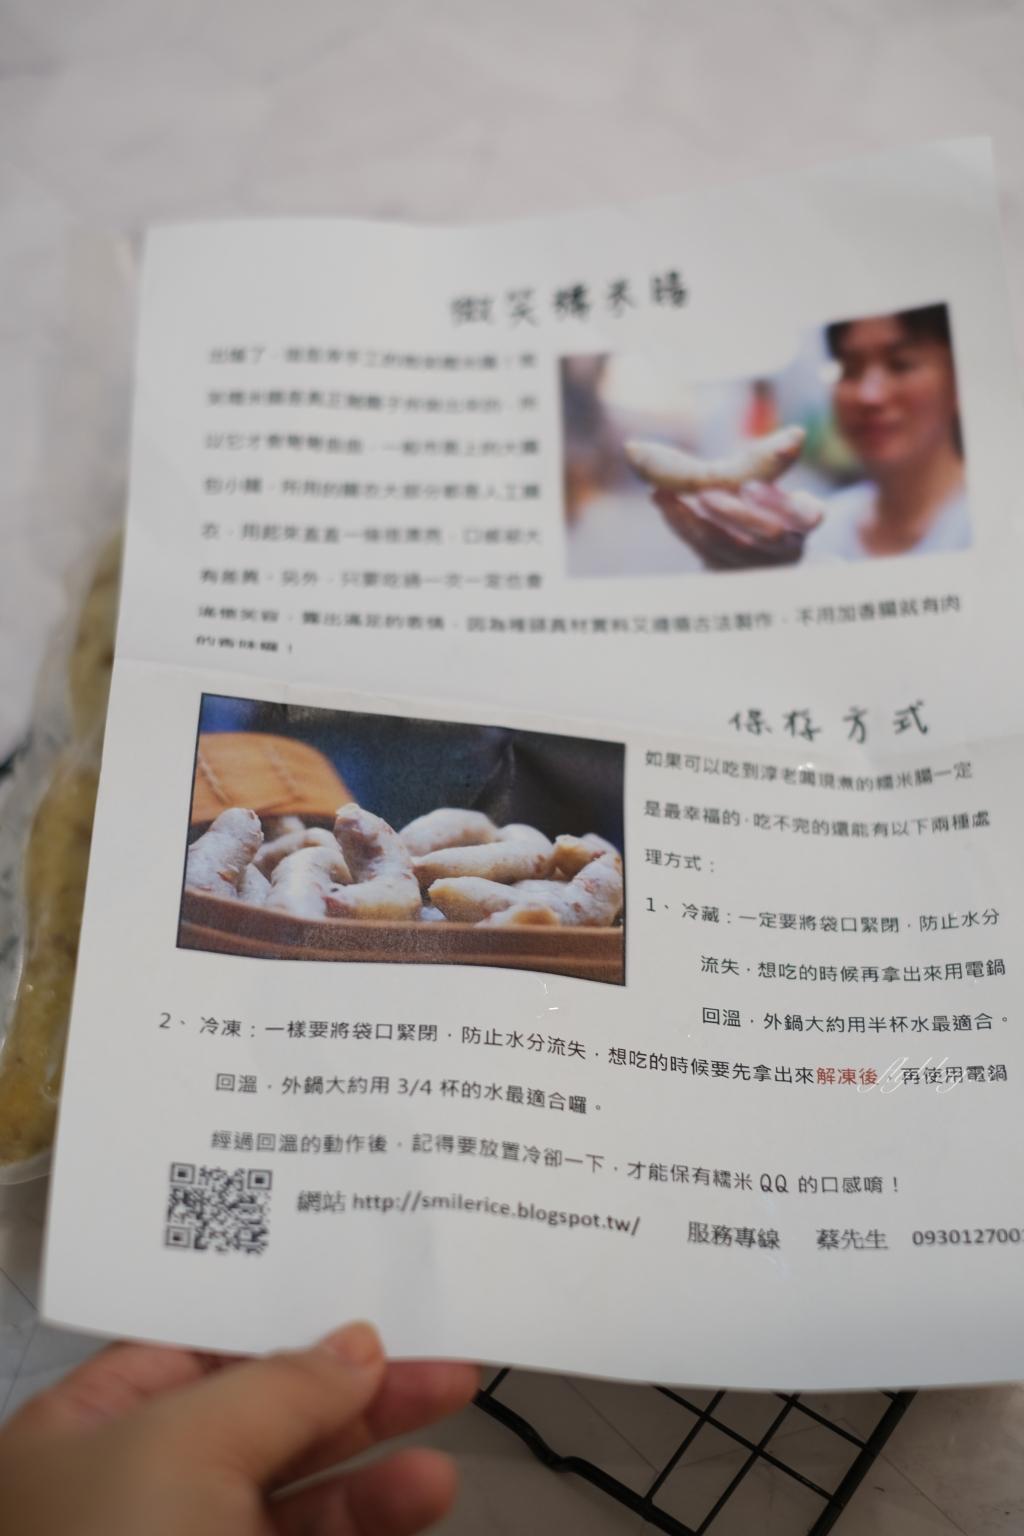 【嘉義朴子】 微笑糯米腸:傳承至外婆和媽媽的好味道,嘉義朴子市場人氣糯米腸 @飛天璇的口袋